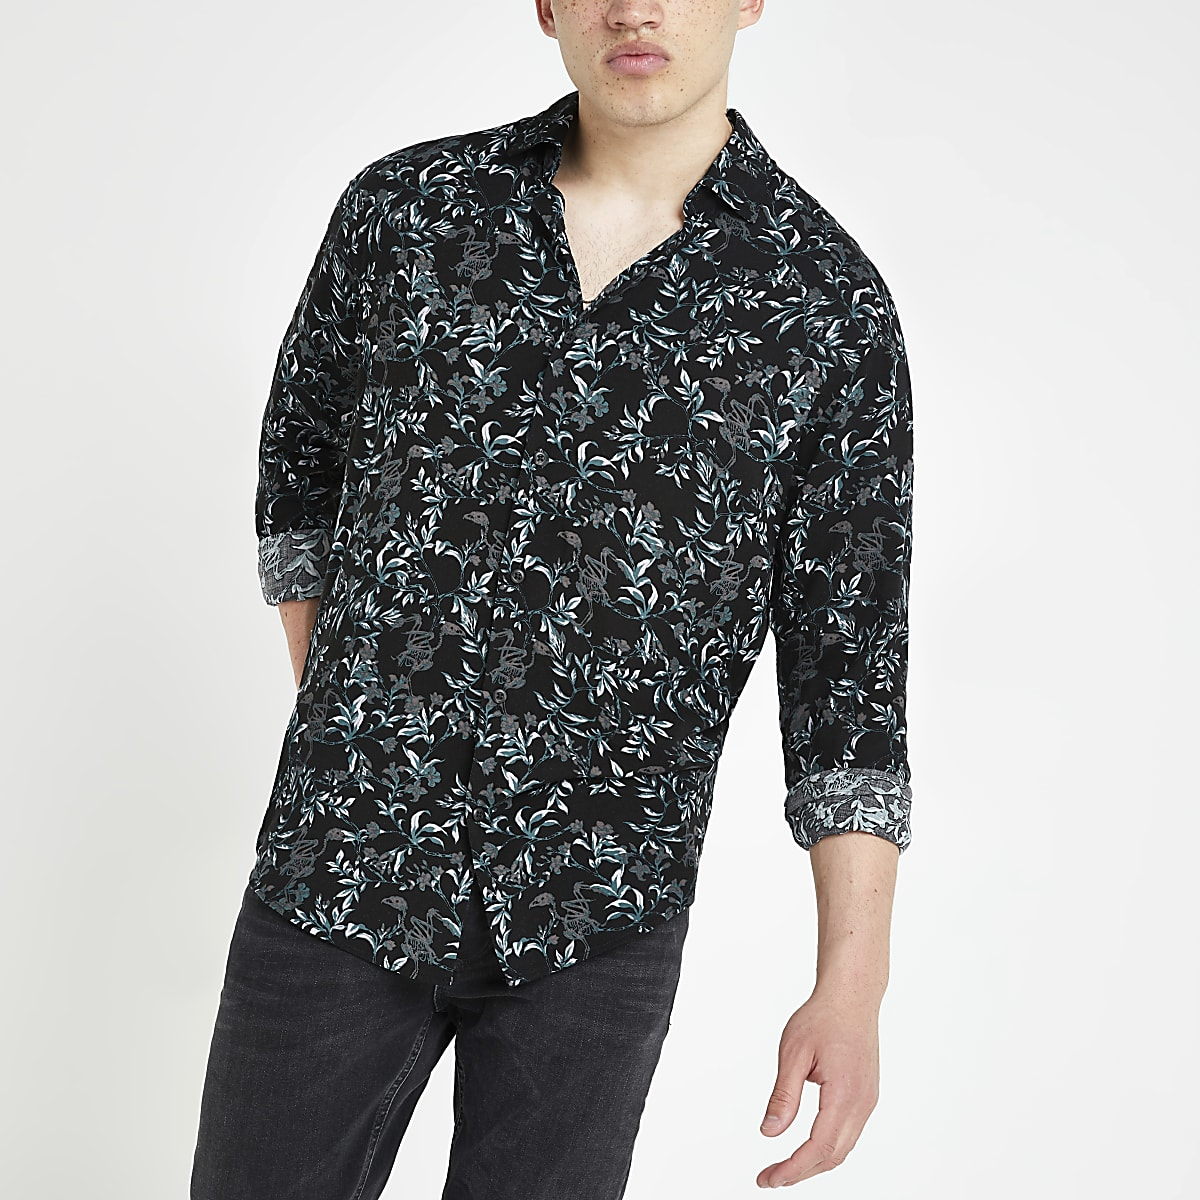 Jack and Jones – Chemise manches longues à fleurs noire